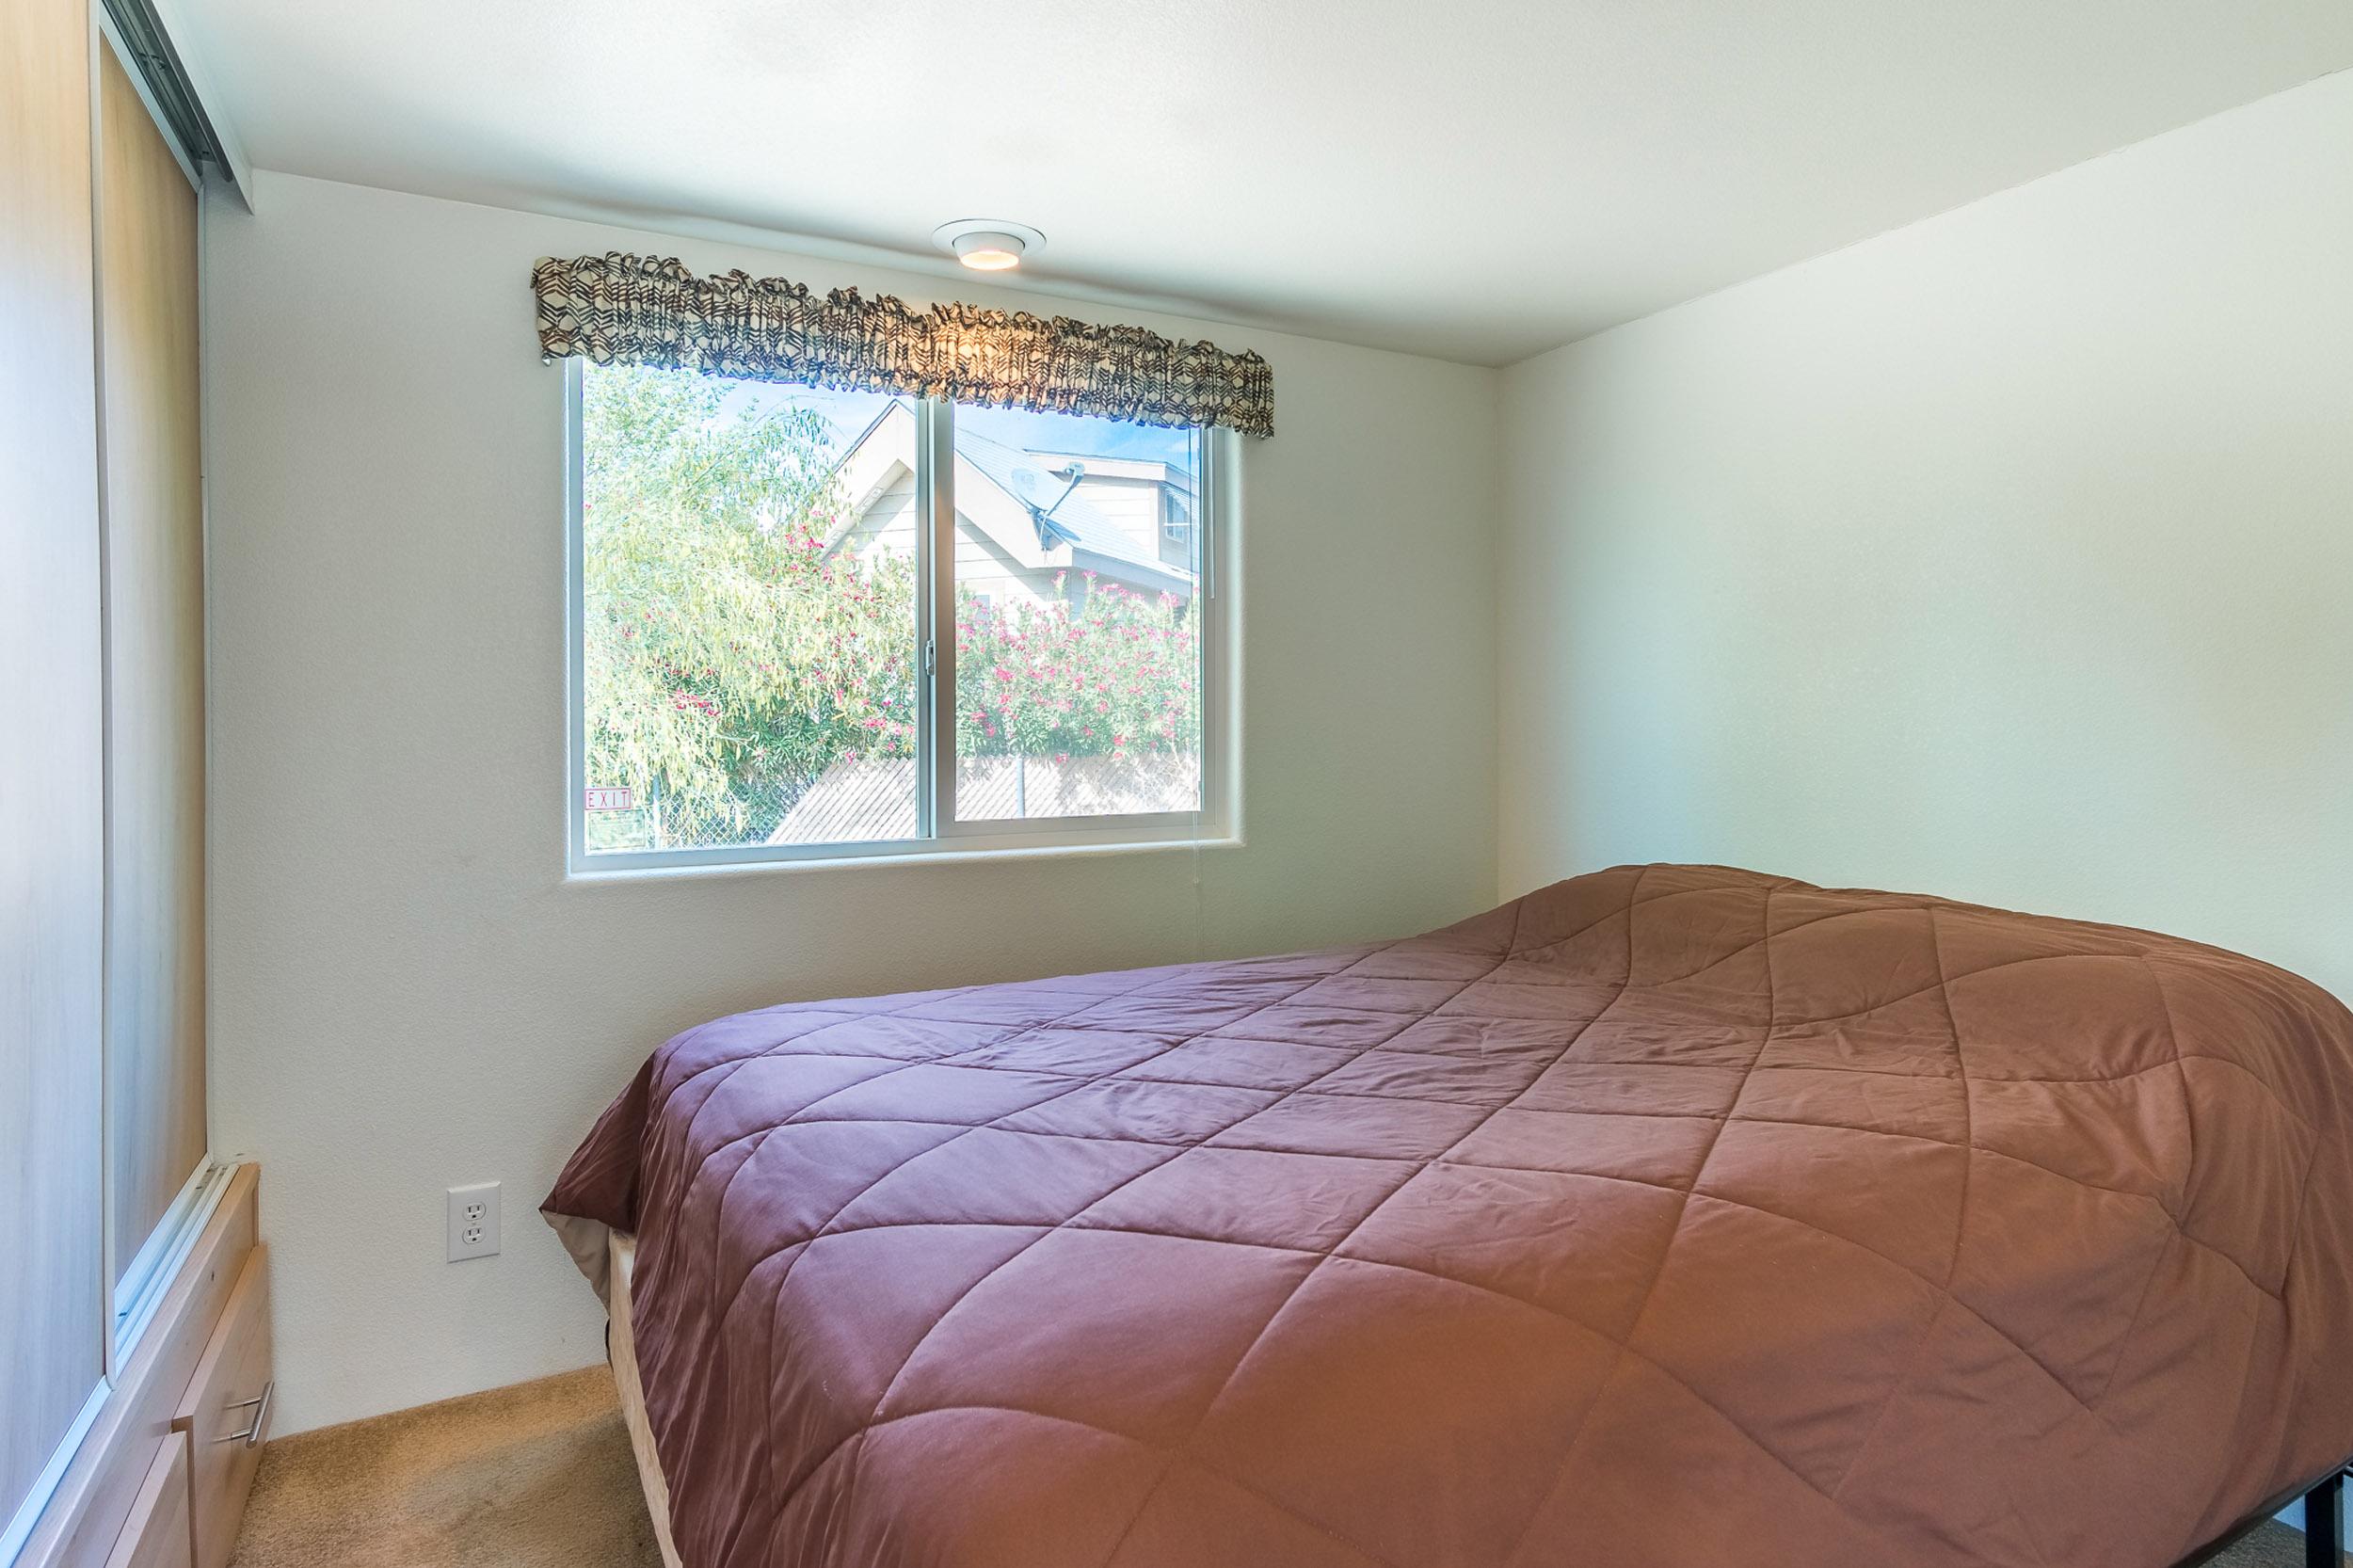 vacation-home-rental-colorado-river-bedroom.jpg